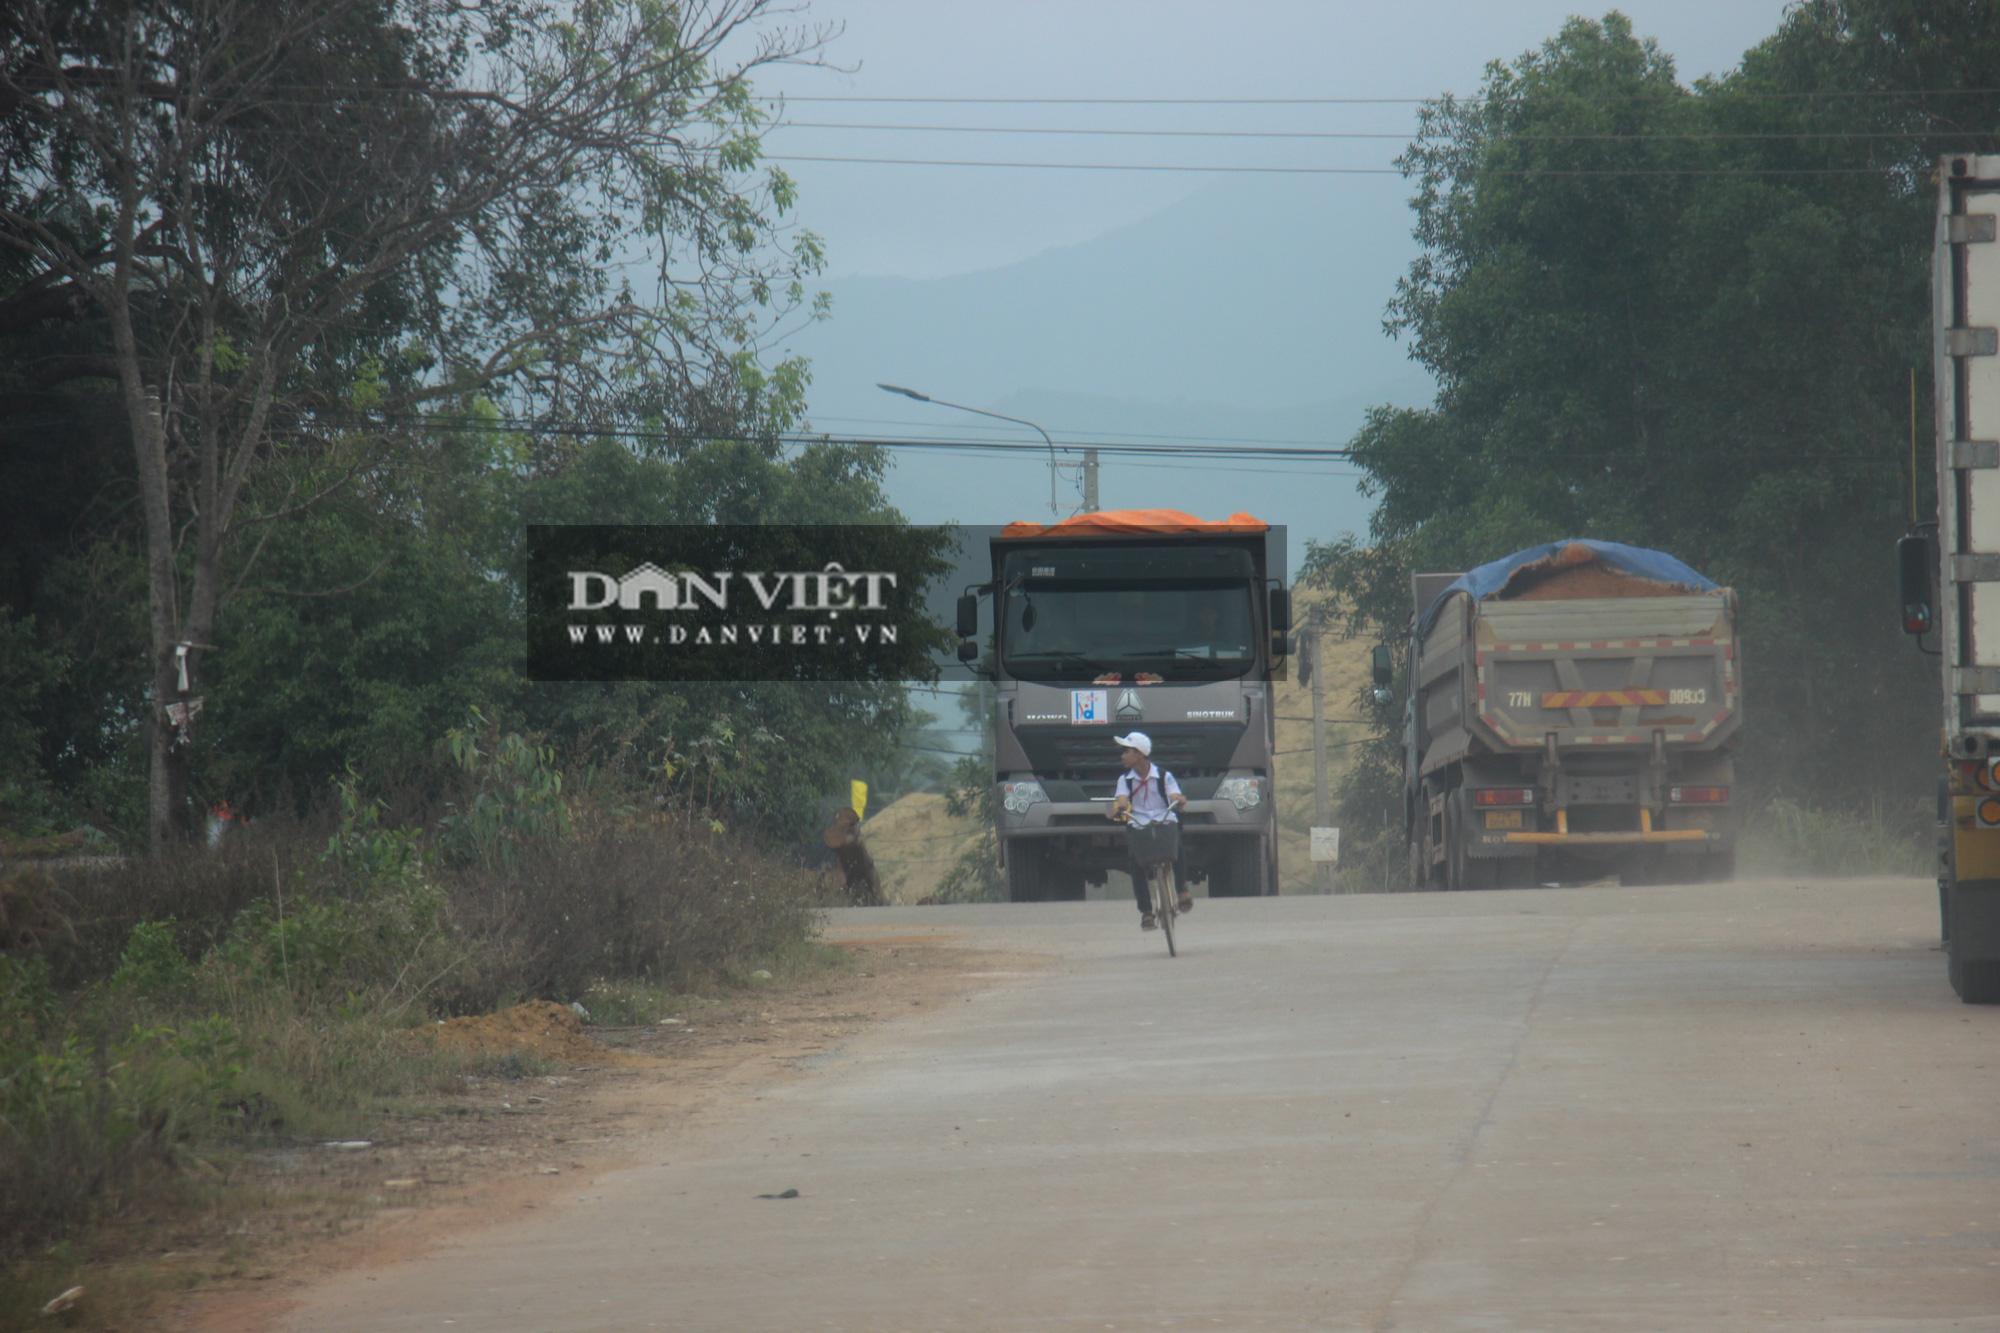 """Bình Định: Đoàn xe hổ vồ """"siêu tải"""" Bá Sanh Đường tung hoành - Ảnh 7."""